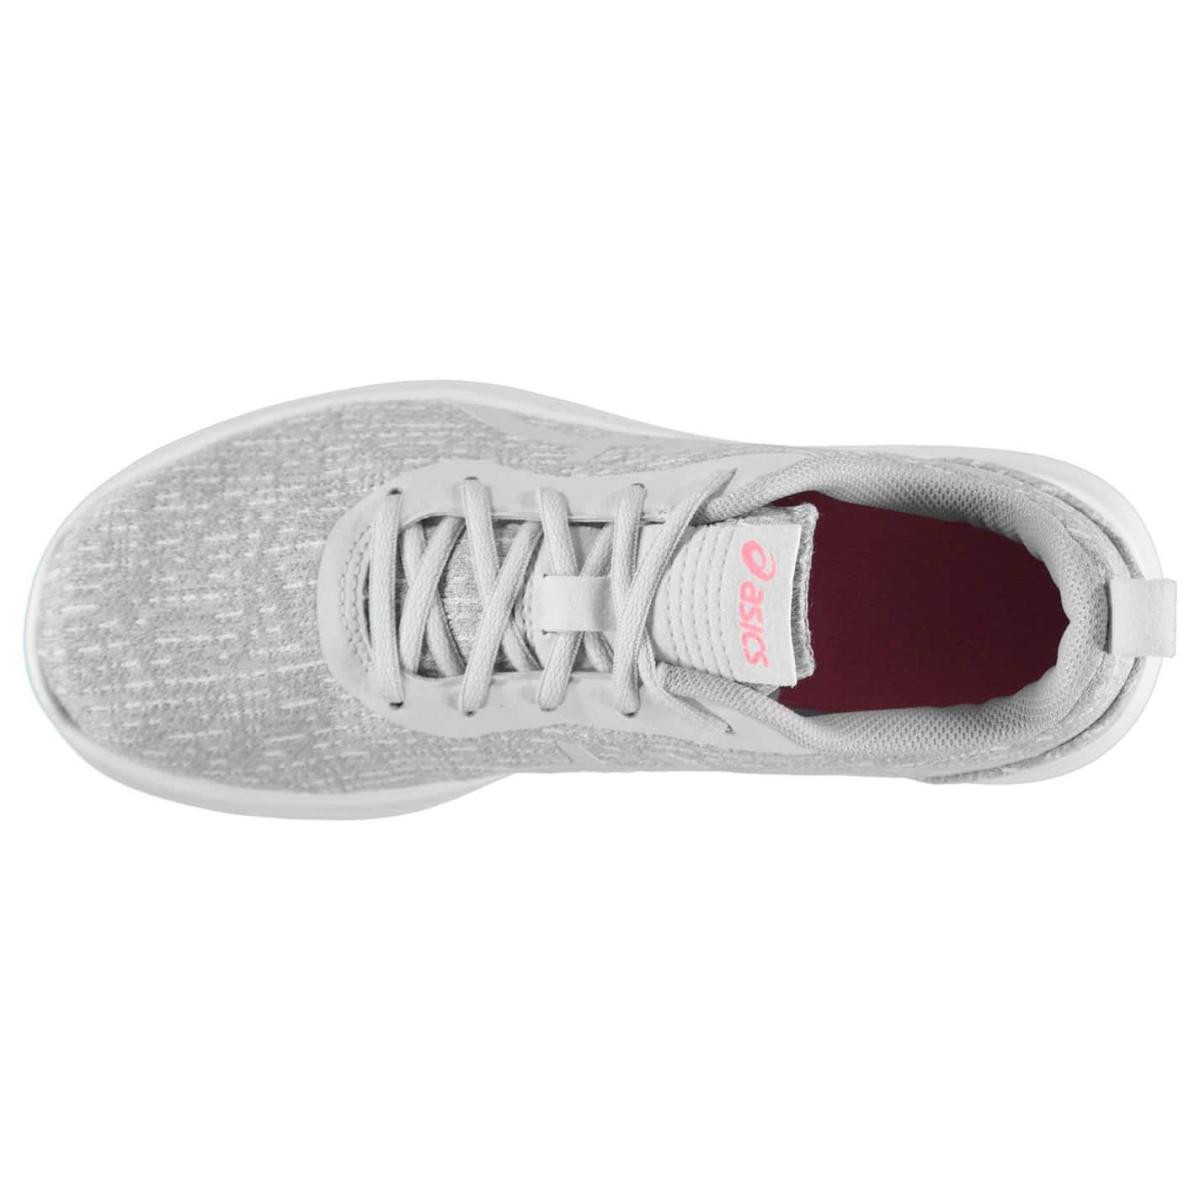 Asics-Kanmei-2-Turnschuhe-Damen-Sneaker-Sportschuhe-Laufschuhe-9097 Indexbild 11